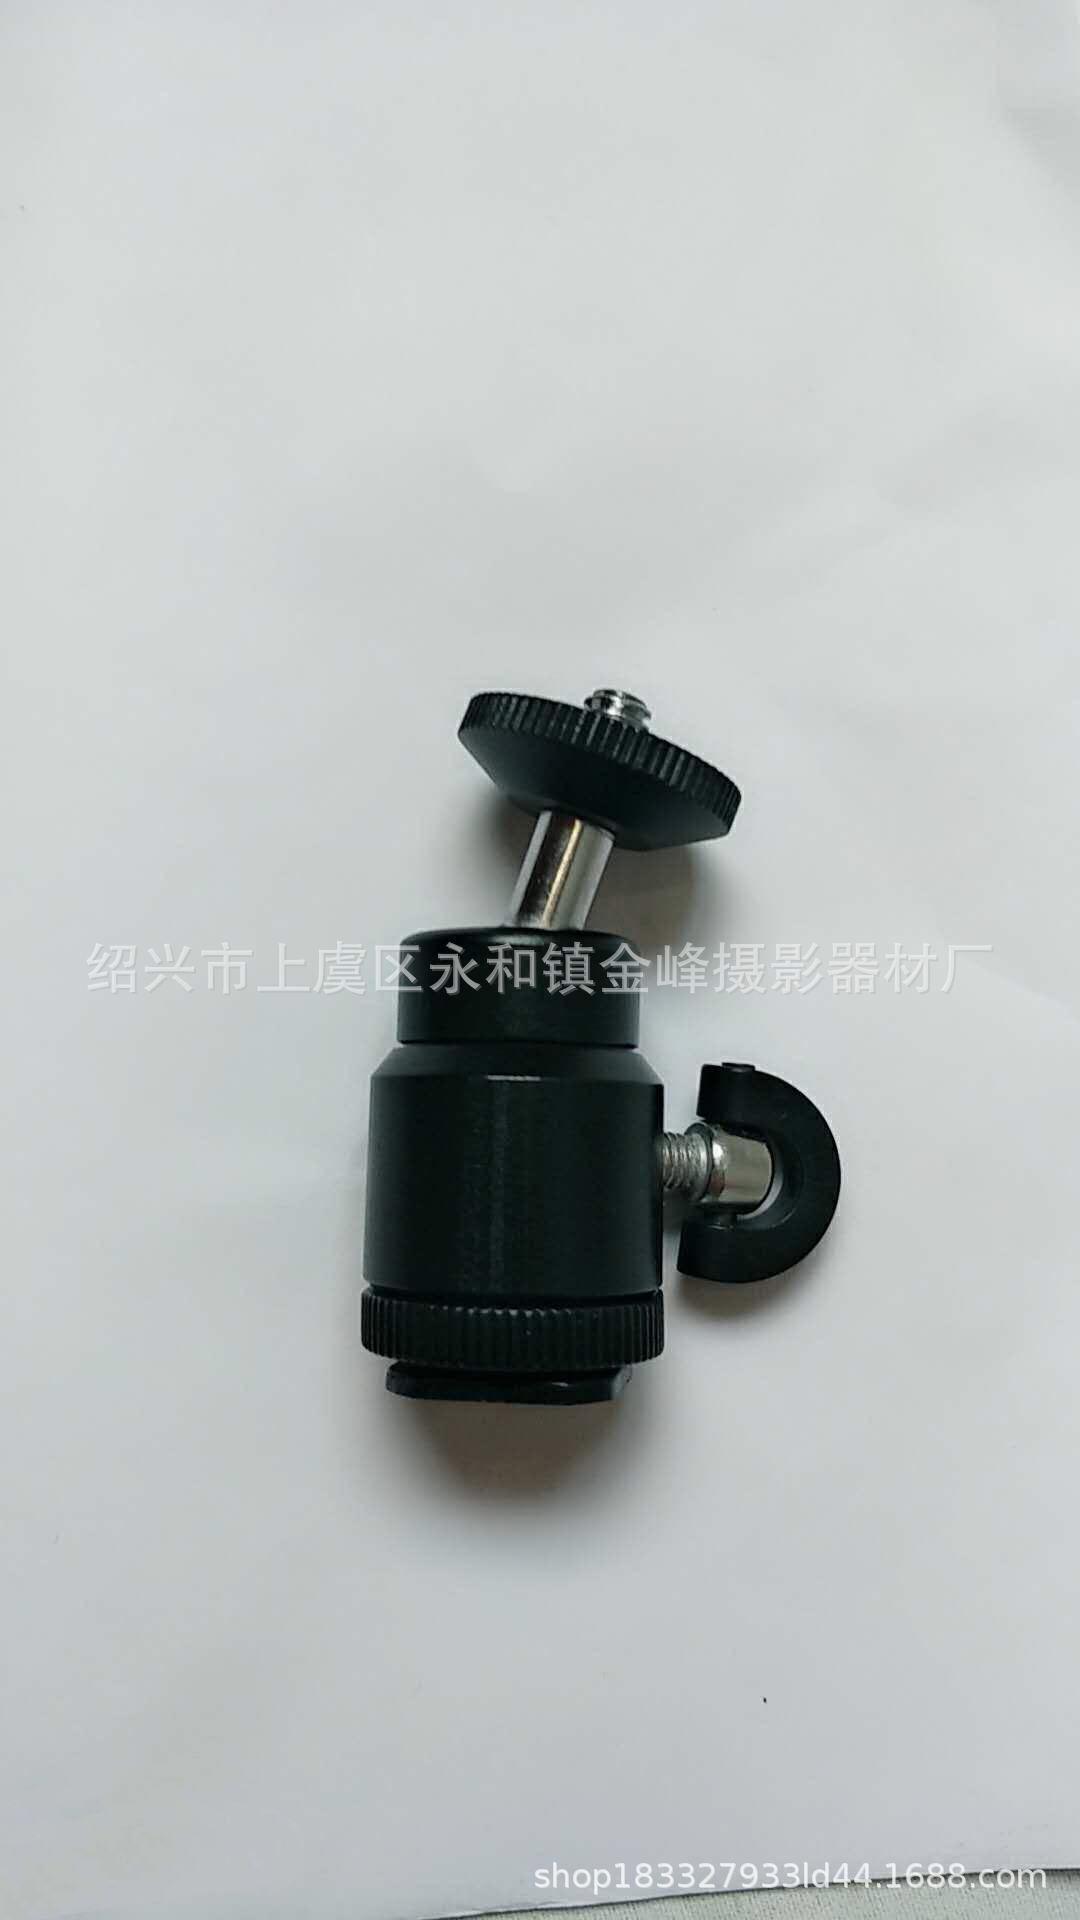 厂家直摄影器材畅销球型小云台金属热靴座螺丝接口支架配件优惠价